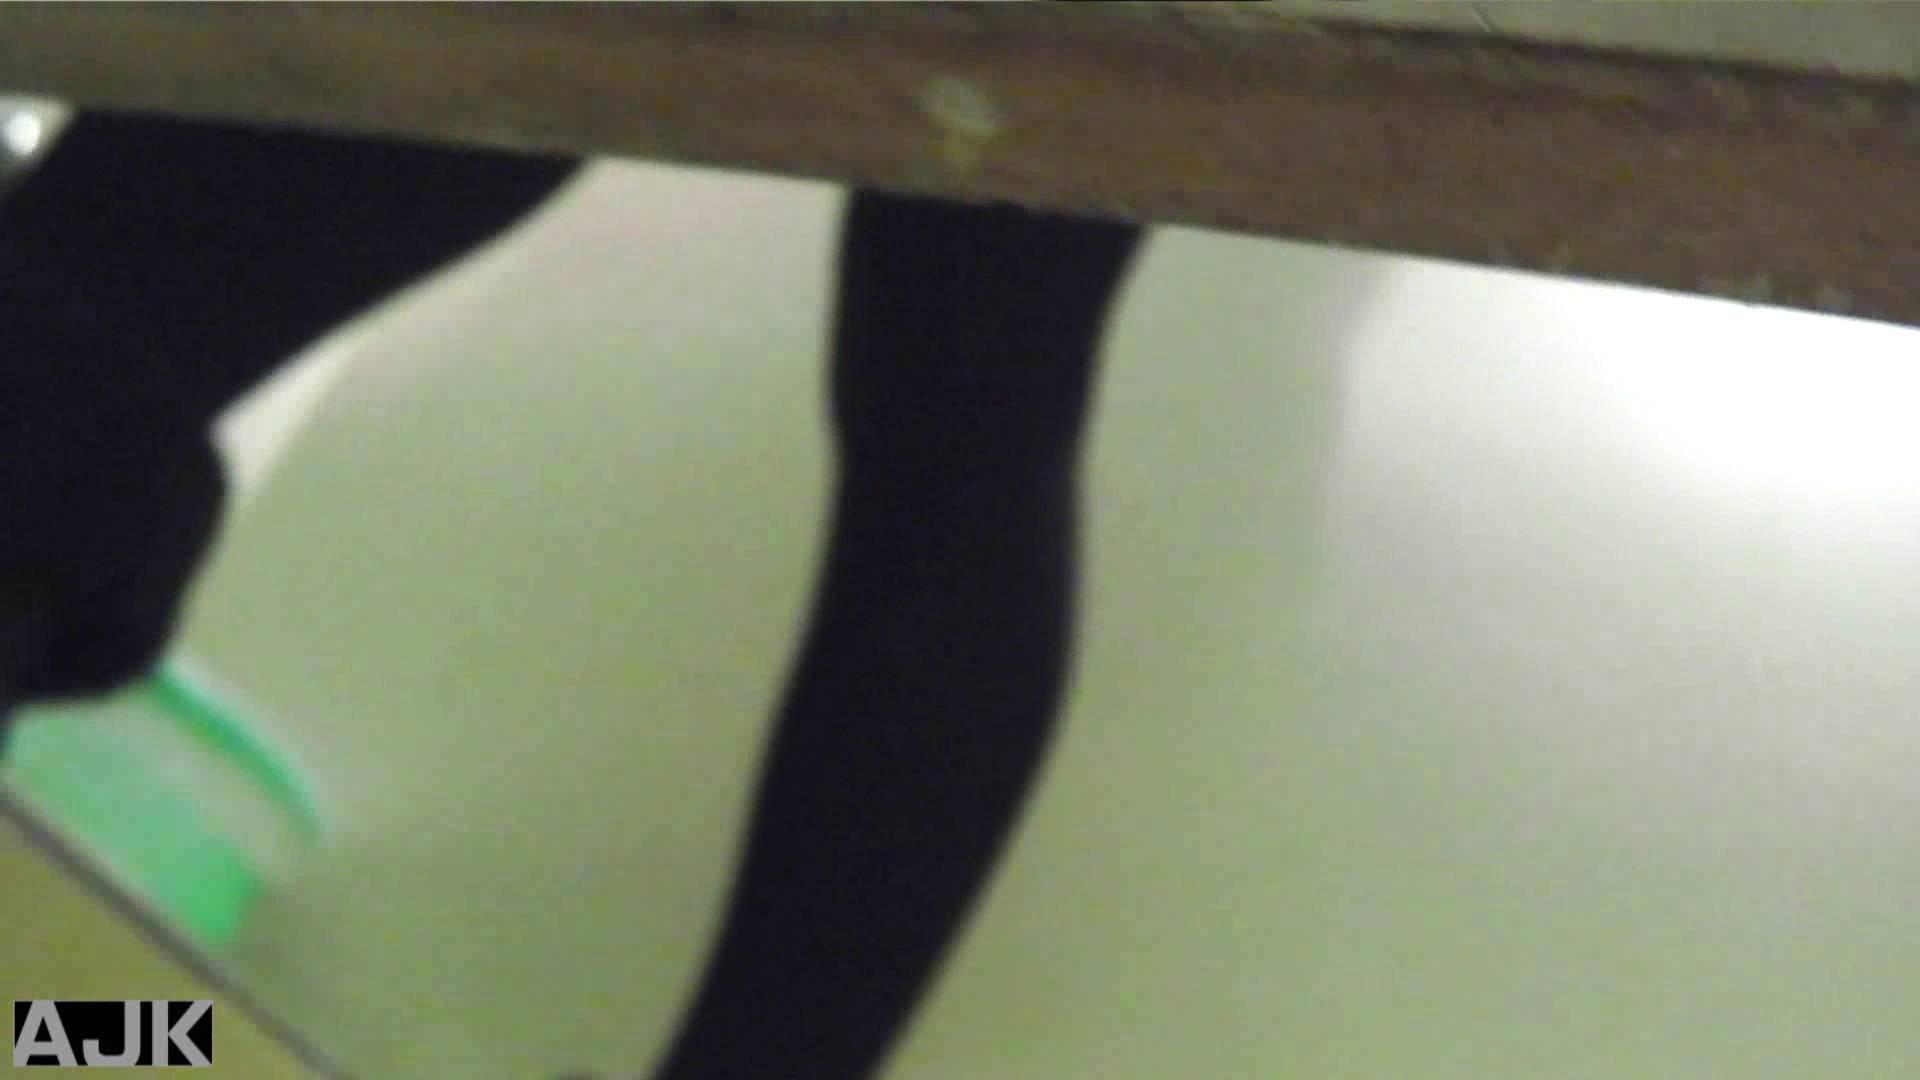 隣国上階級エリアの令嬢たちが集うデパートお手洗い Vol.14 HなOL エロ無料画像 75pic 11